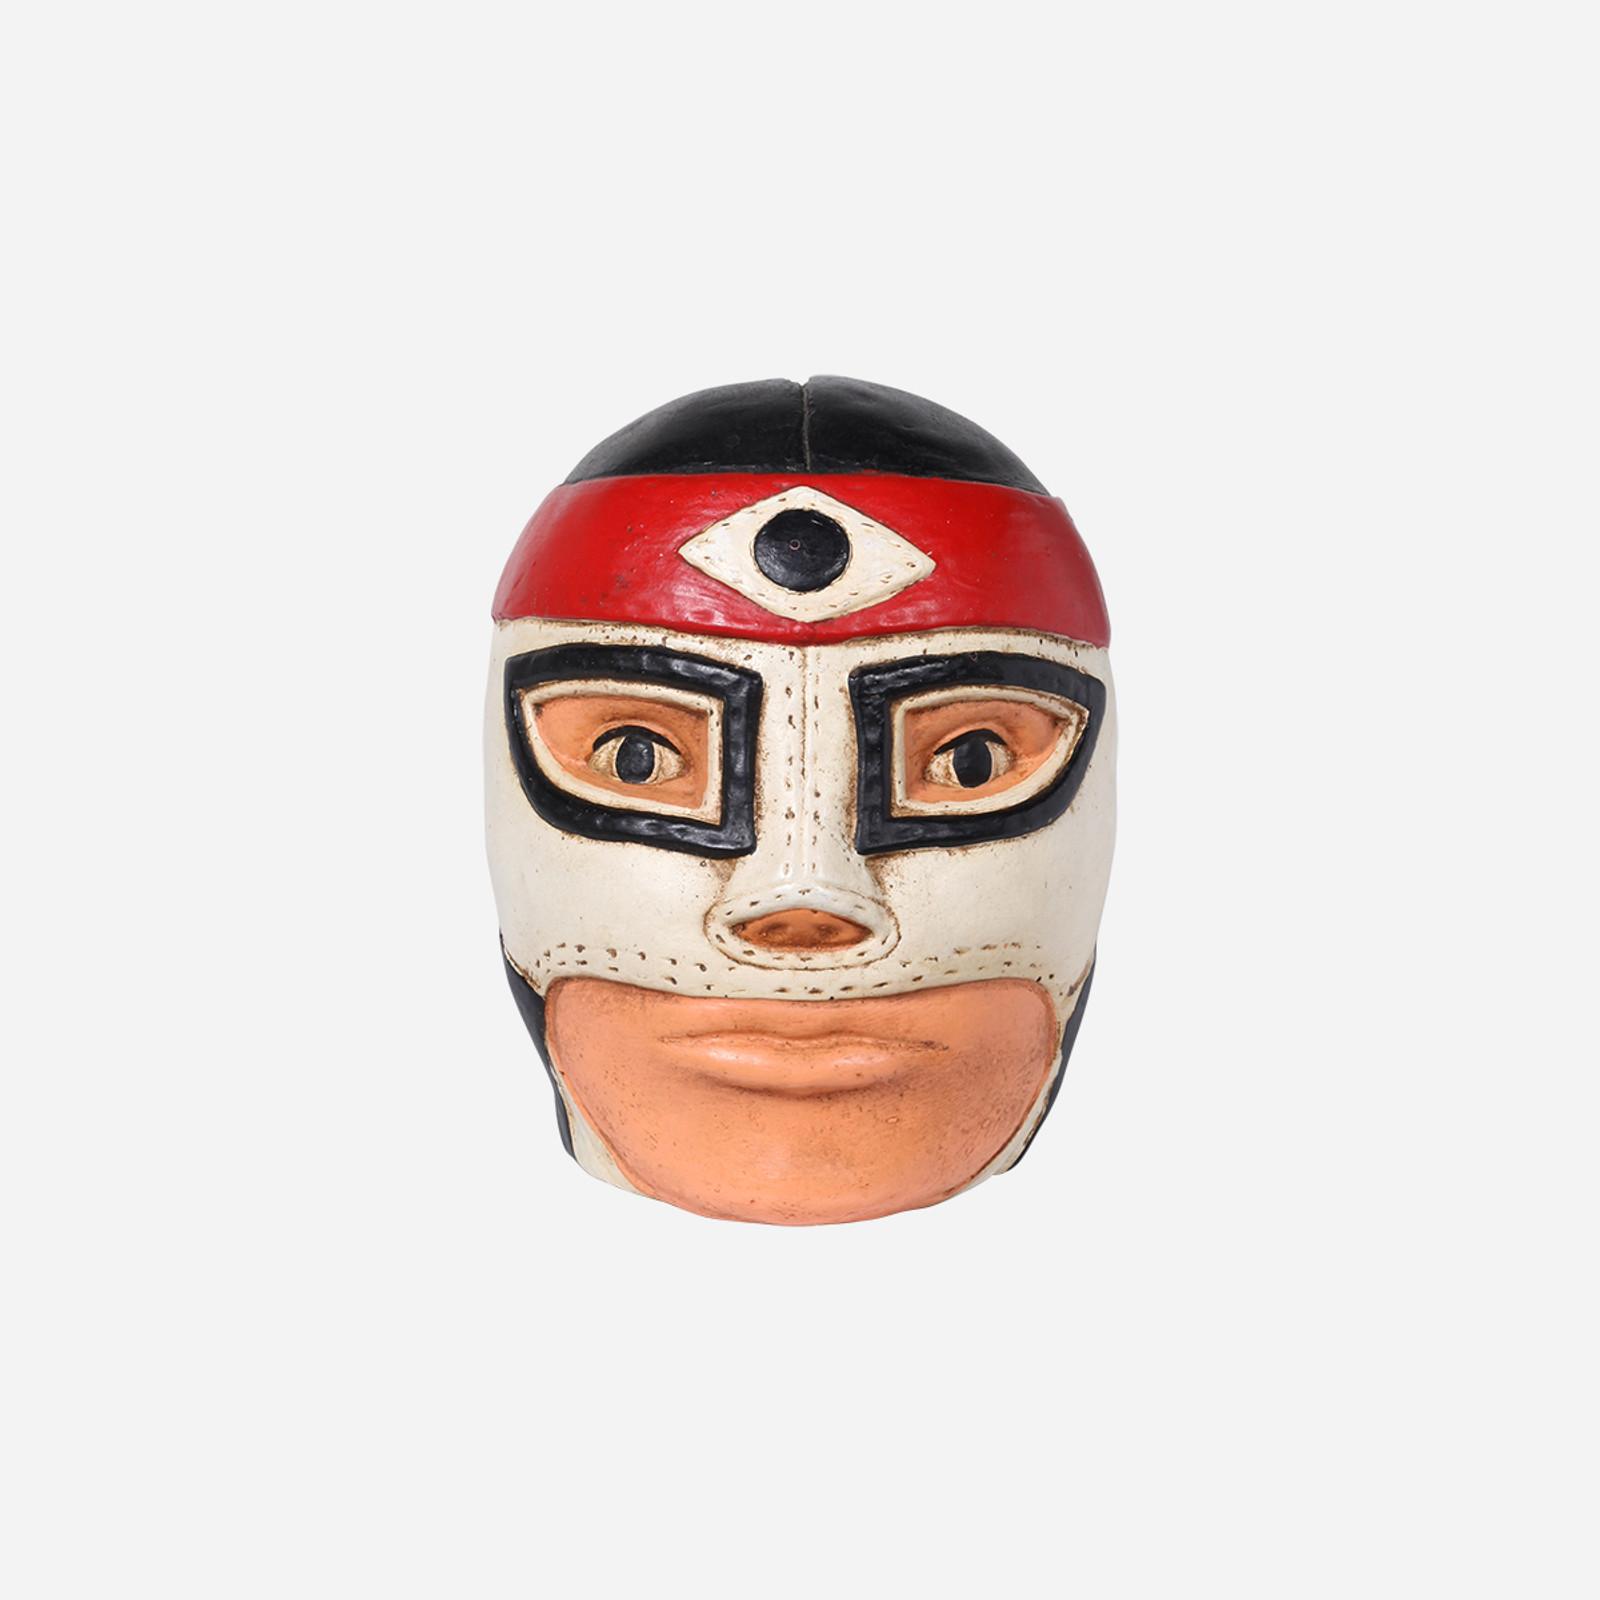 Octagon Wrestler Head Coin Bank